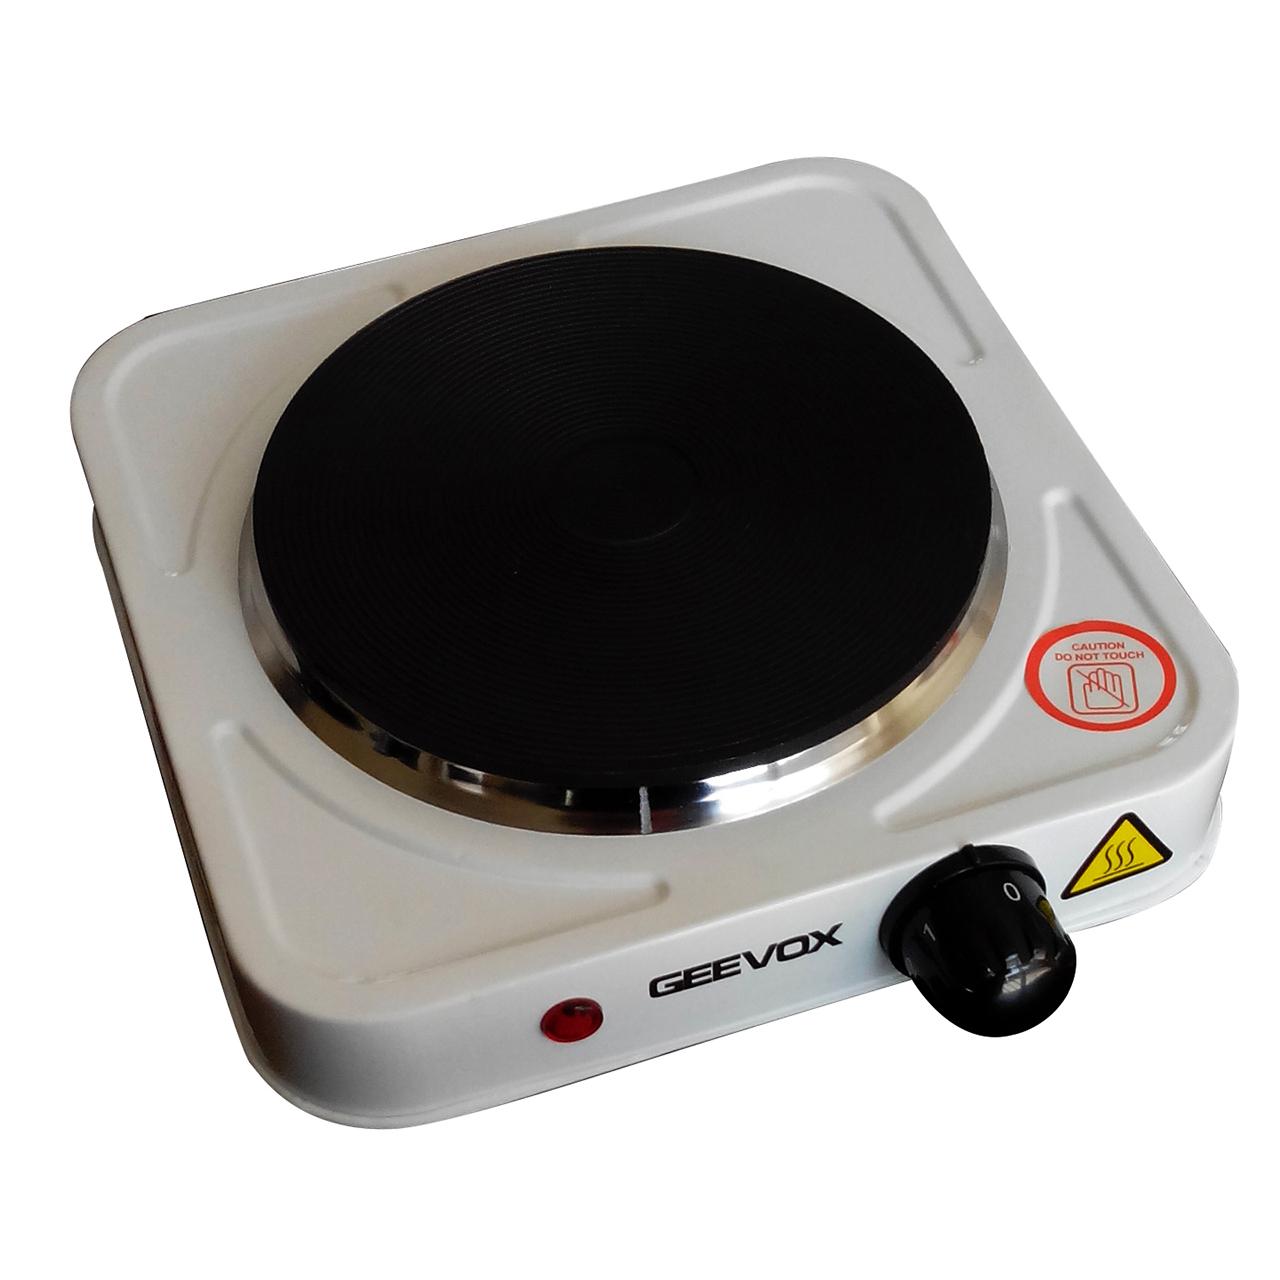 اجاق برقی جی وکس مدل GX-401HP